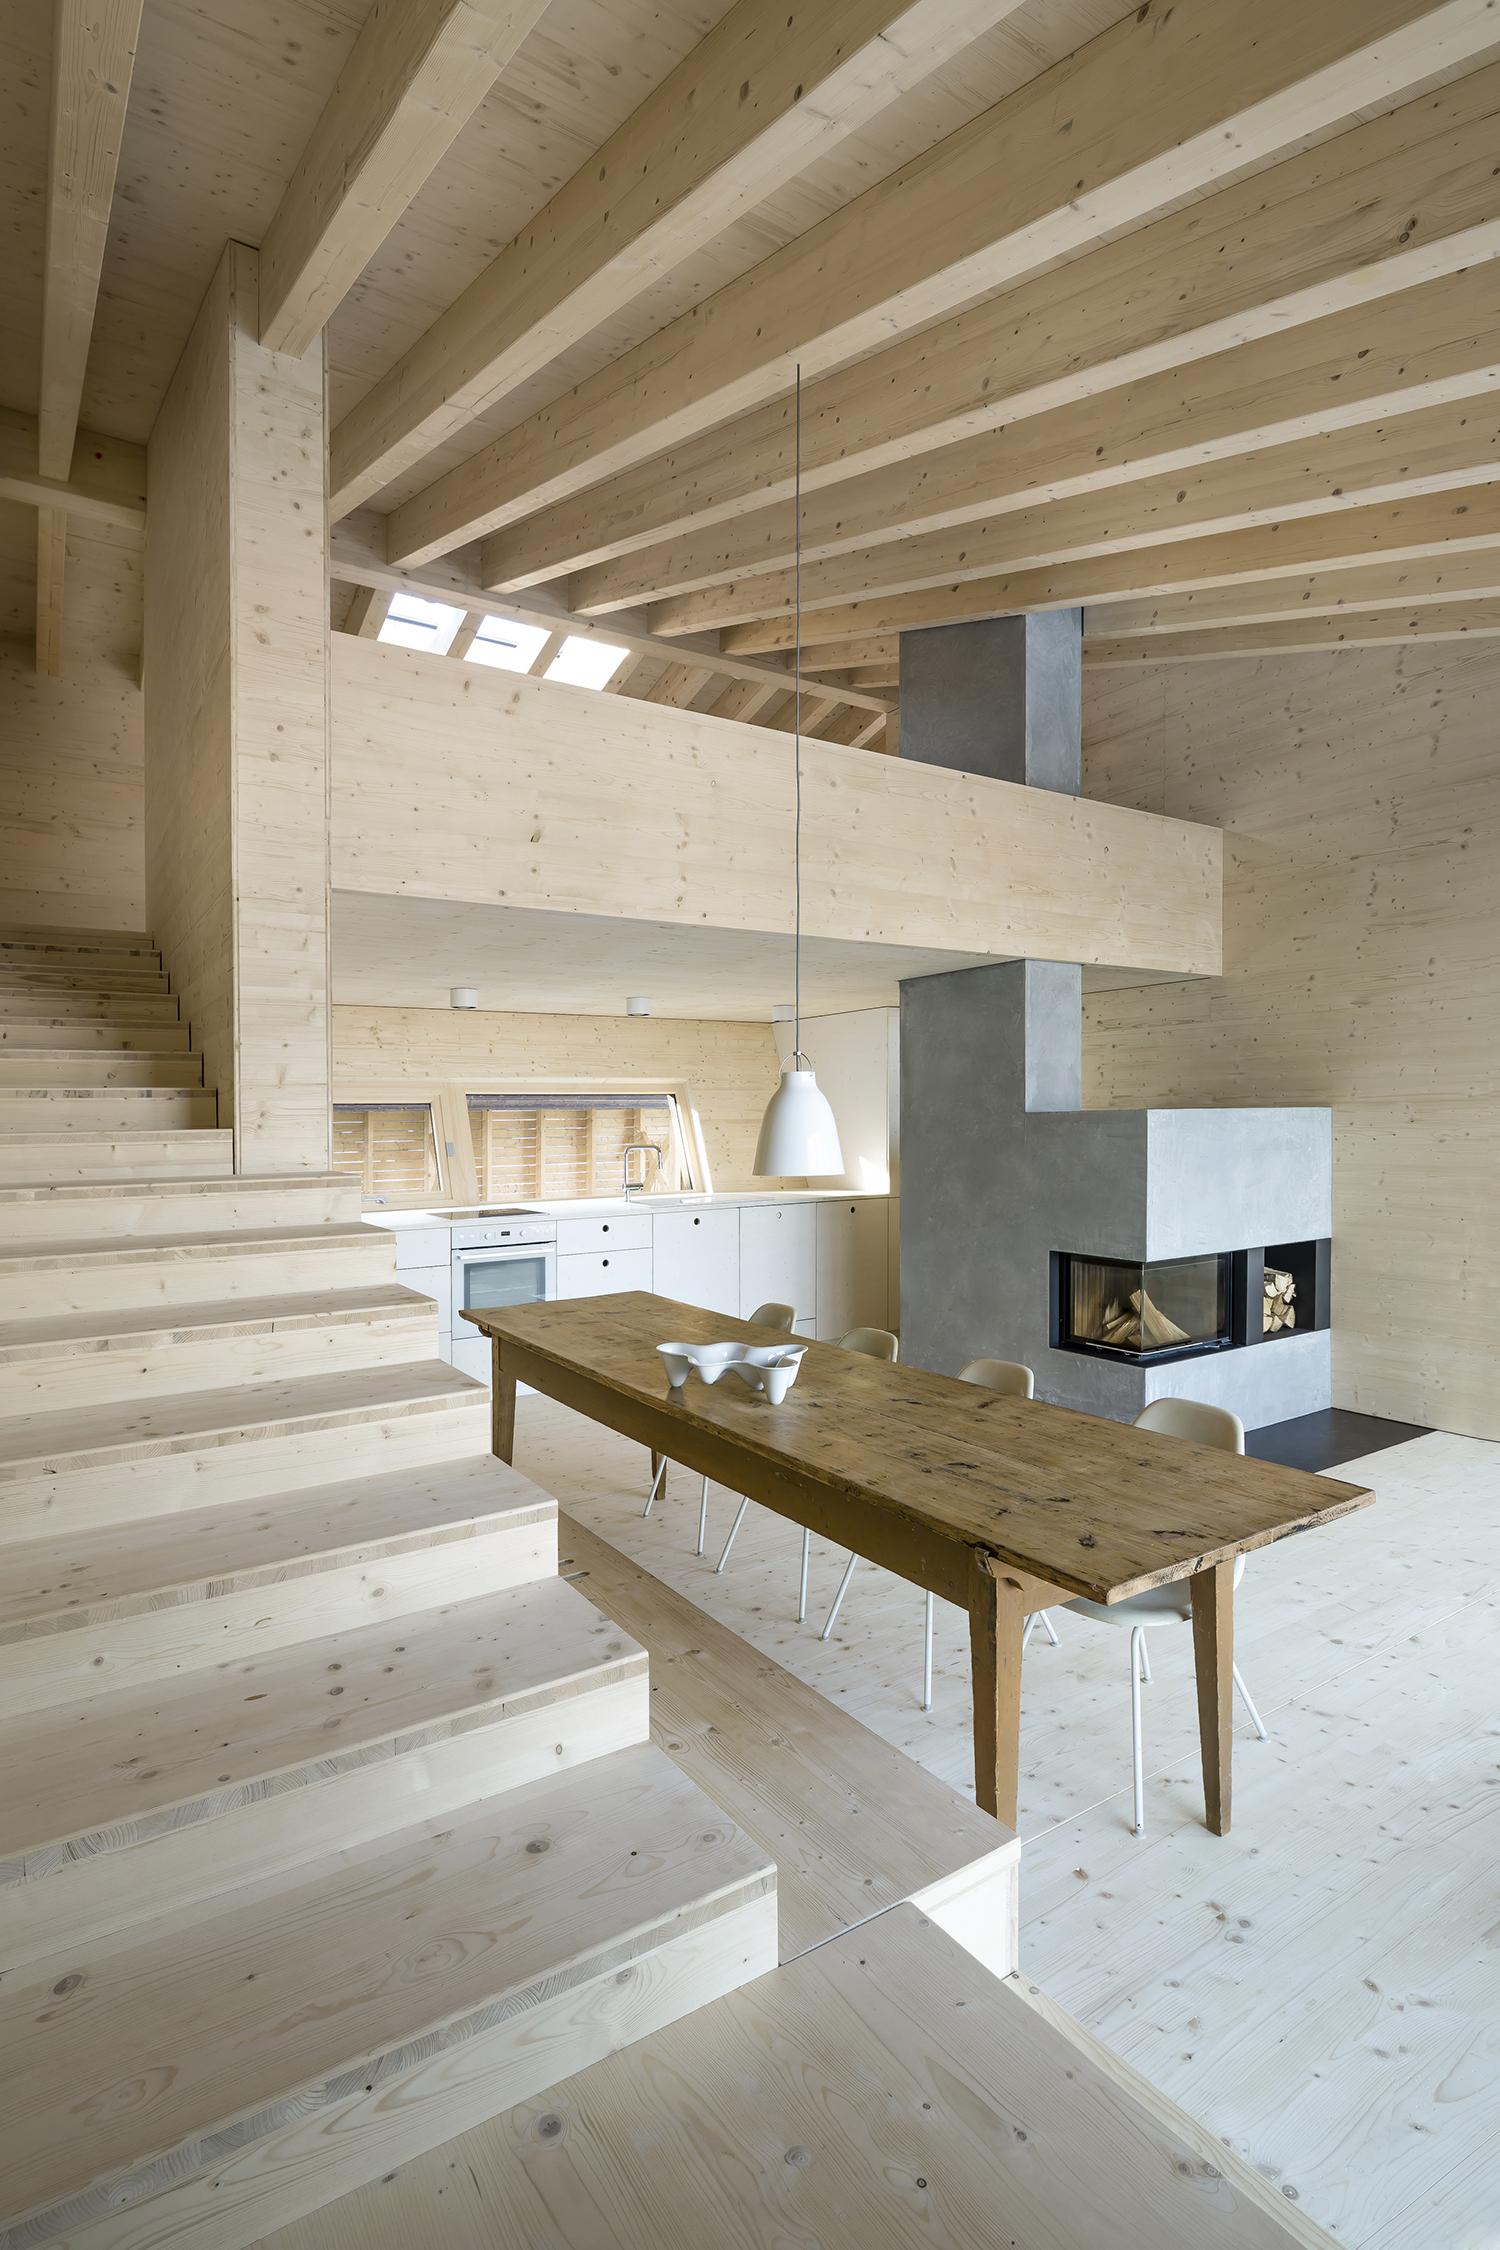 Gallery of house p yonder architektur und design 3 for Architektur und design